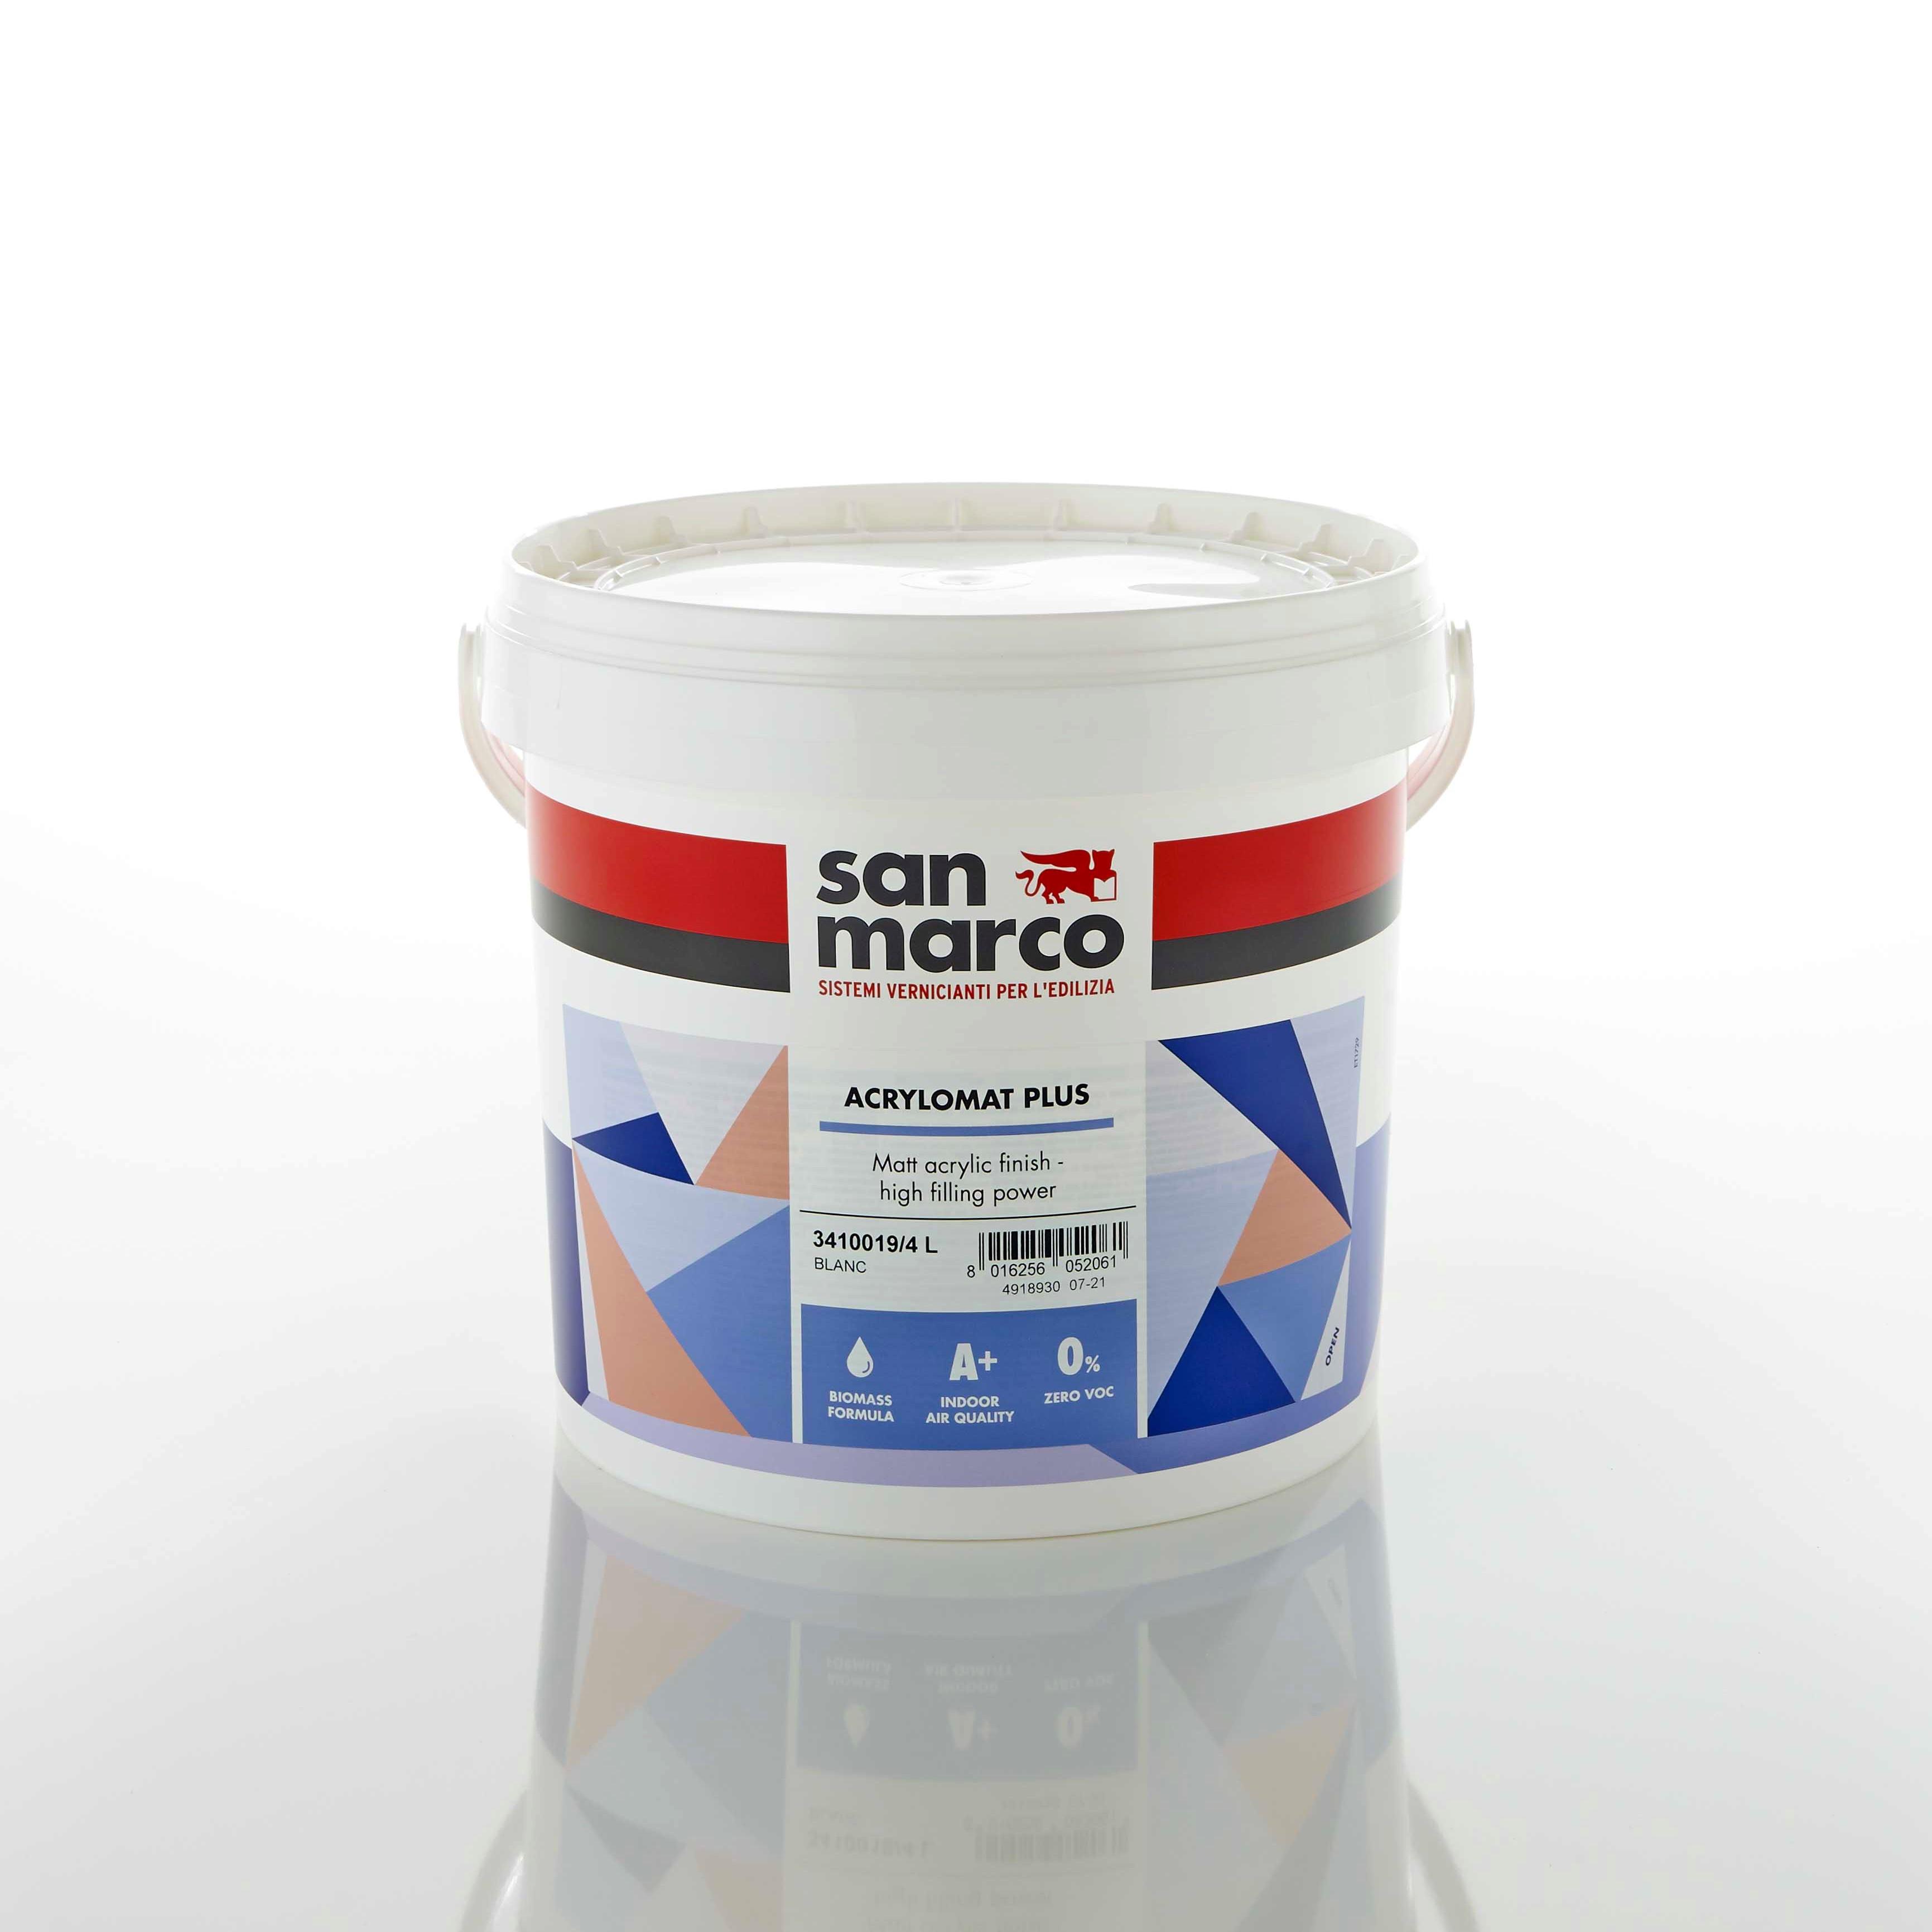 Матова акрилова фарба на водній основі Acrylomat Plus від San Marco / Матовая акриловая краска на водной основе Acrylomat Plus от San Marco